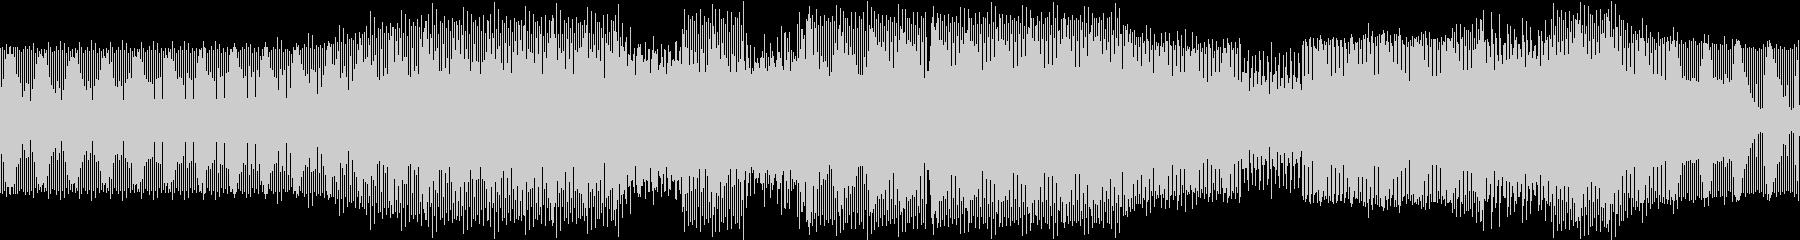 シンセの音が鳴り続ける軽快なテクノの未再生の波形